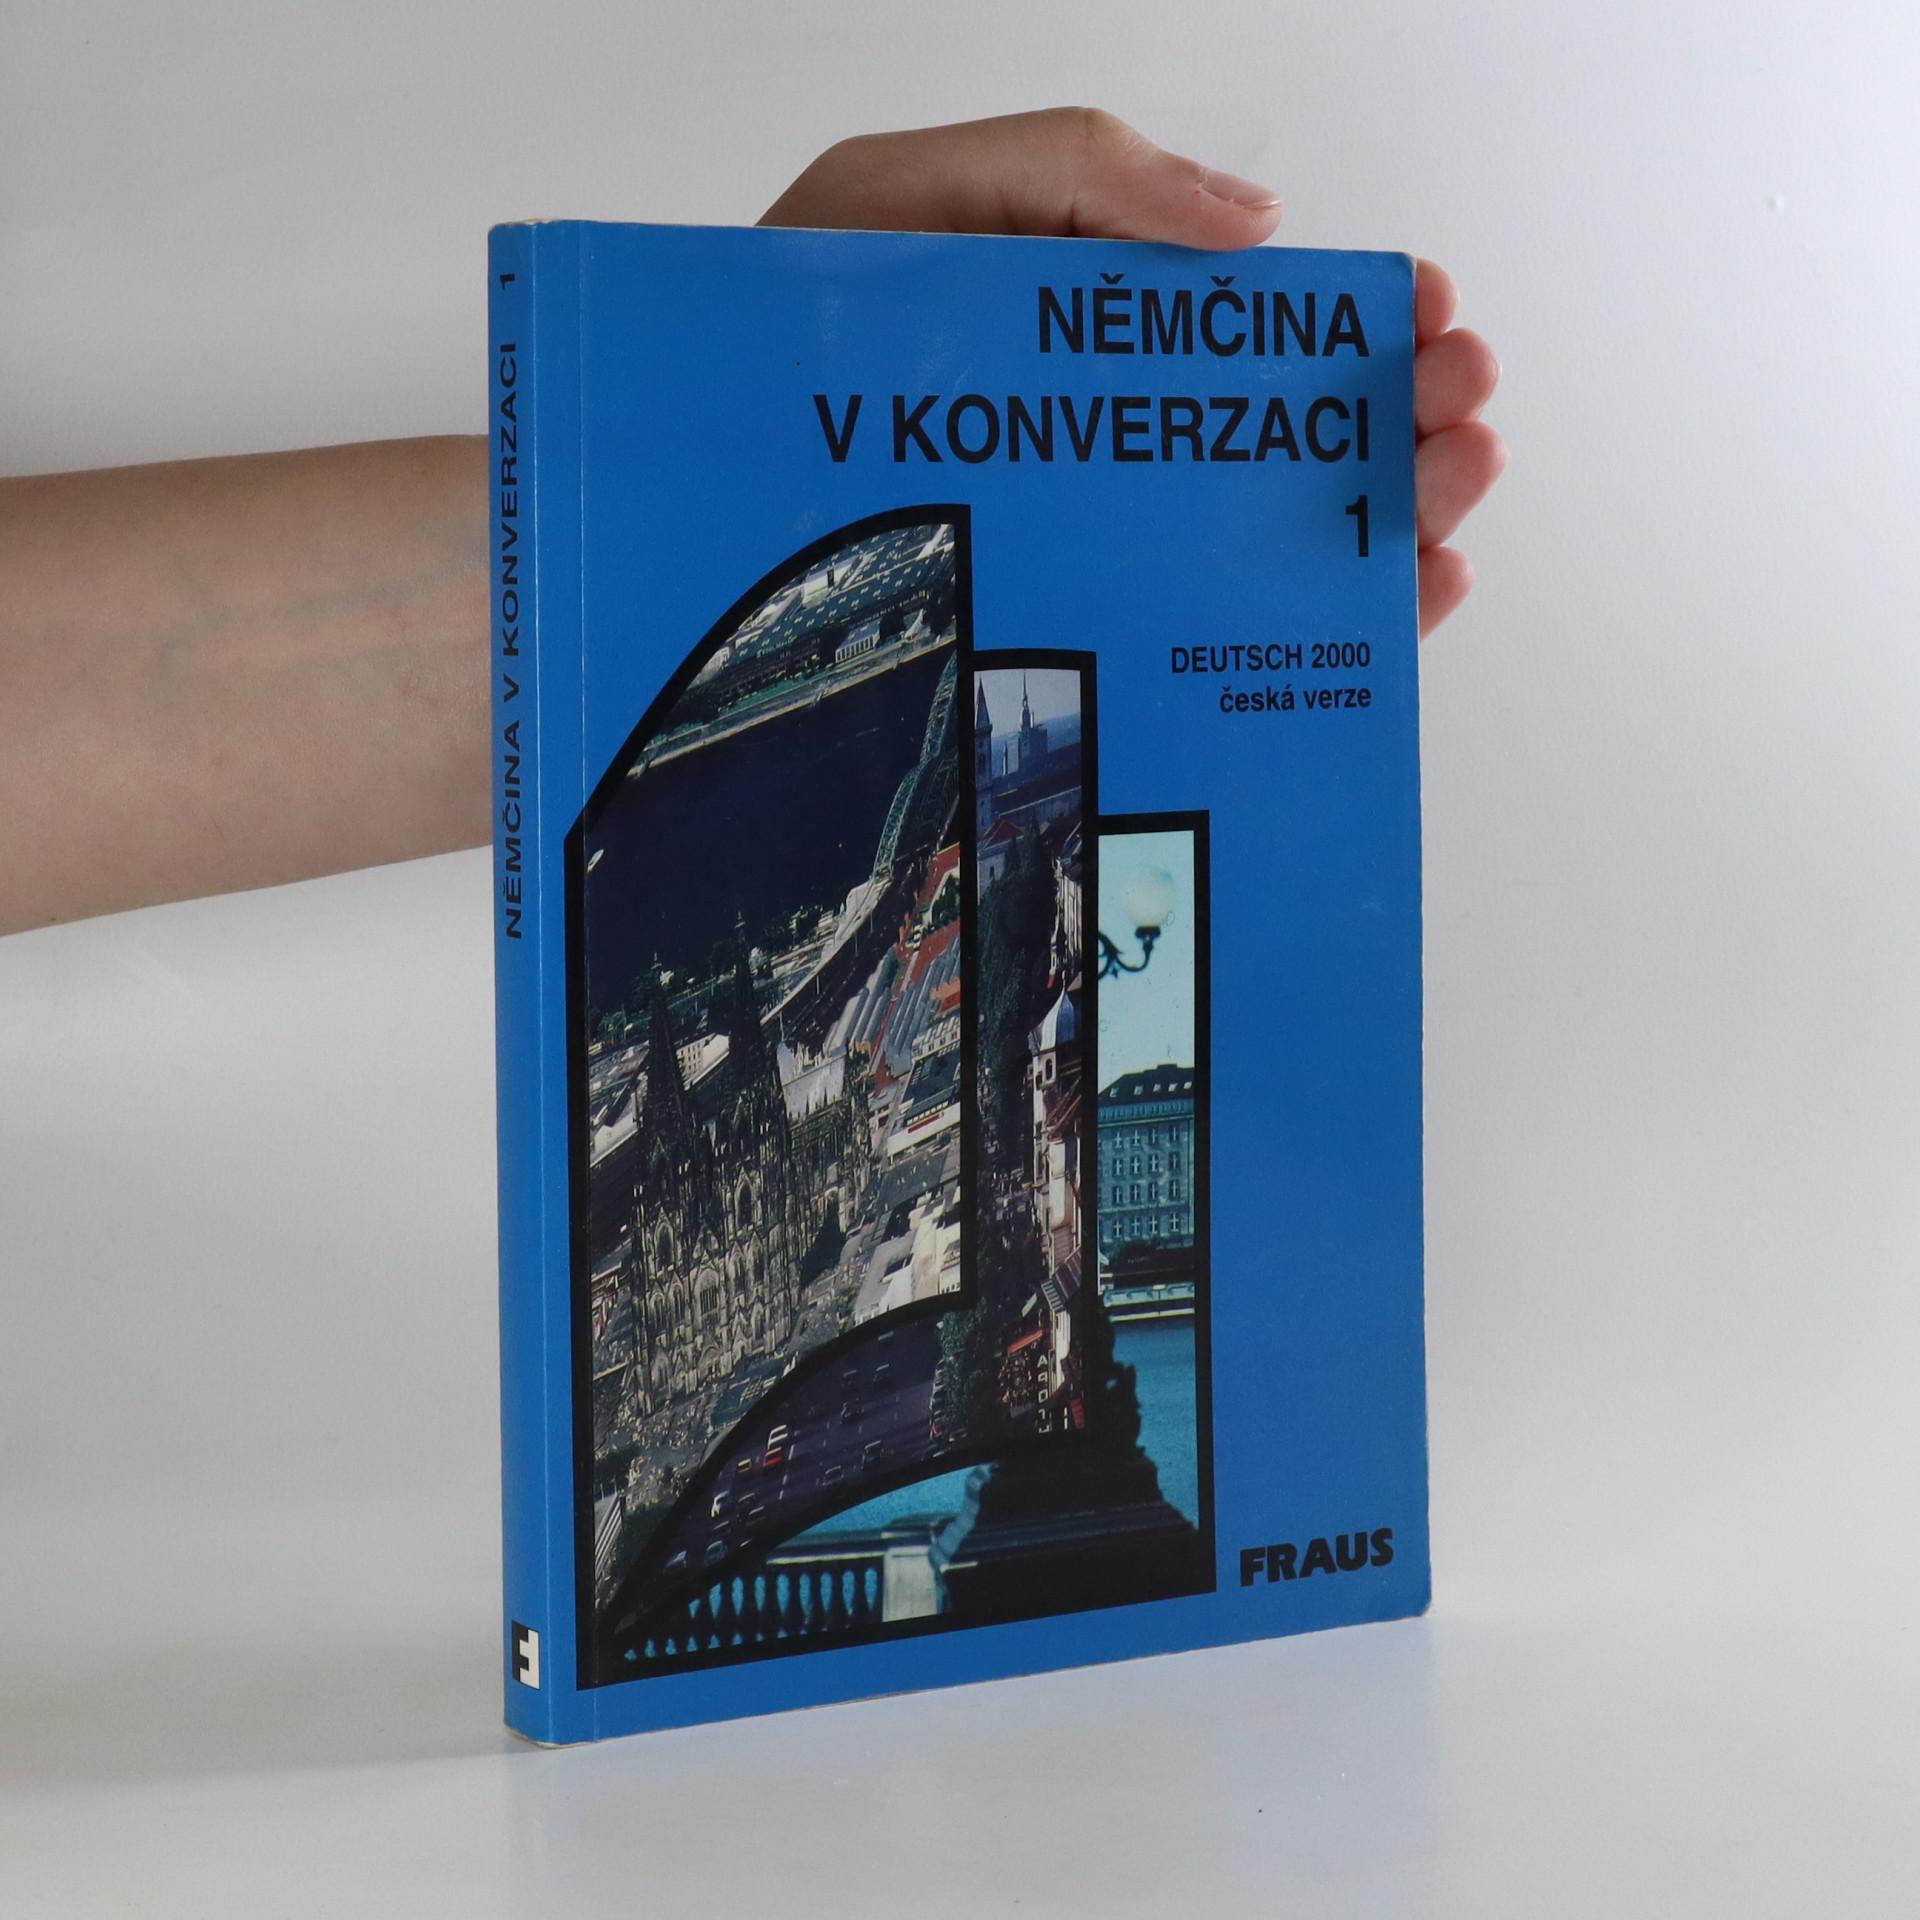 antikvární kniha Němčina v konverzaci. Díl 1, 1993